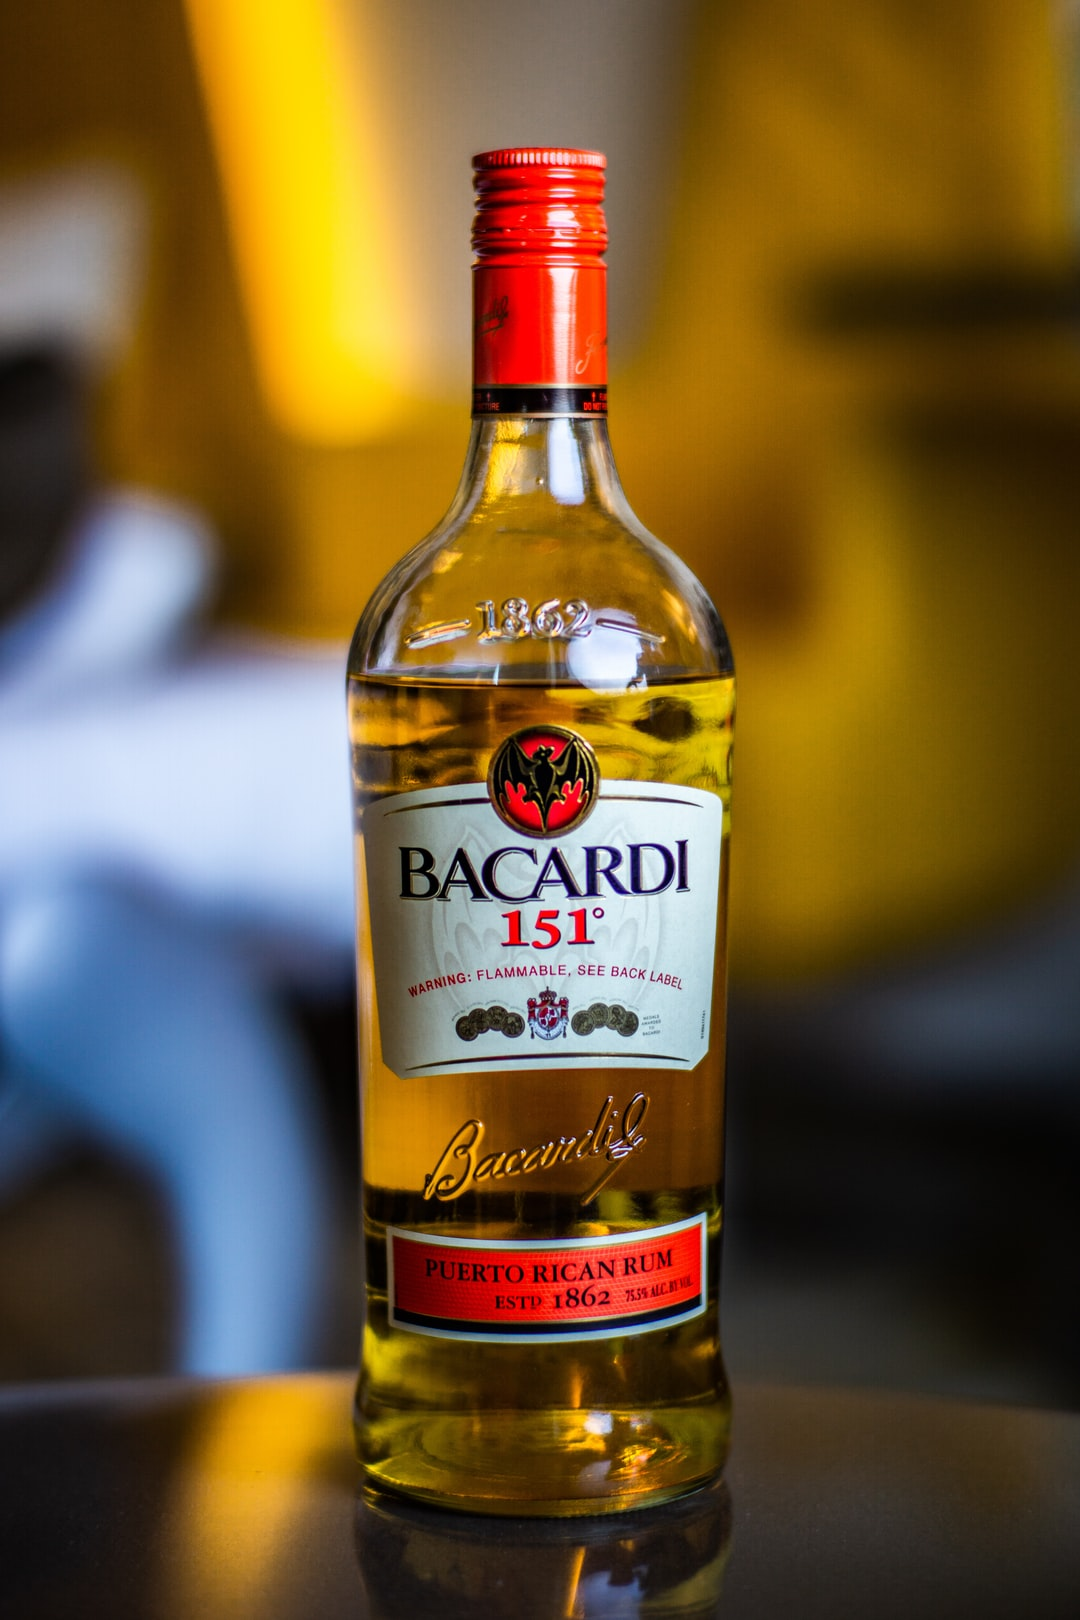 selective focus photography of Bacardi 151 bottle photo – Free Alcohol  Image on Unsplash